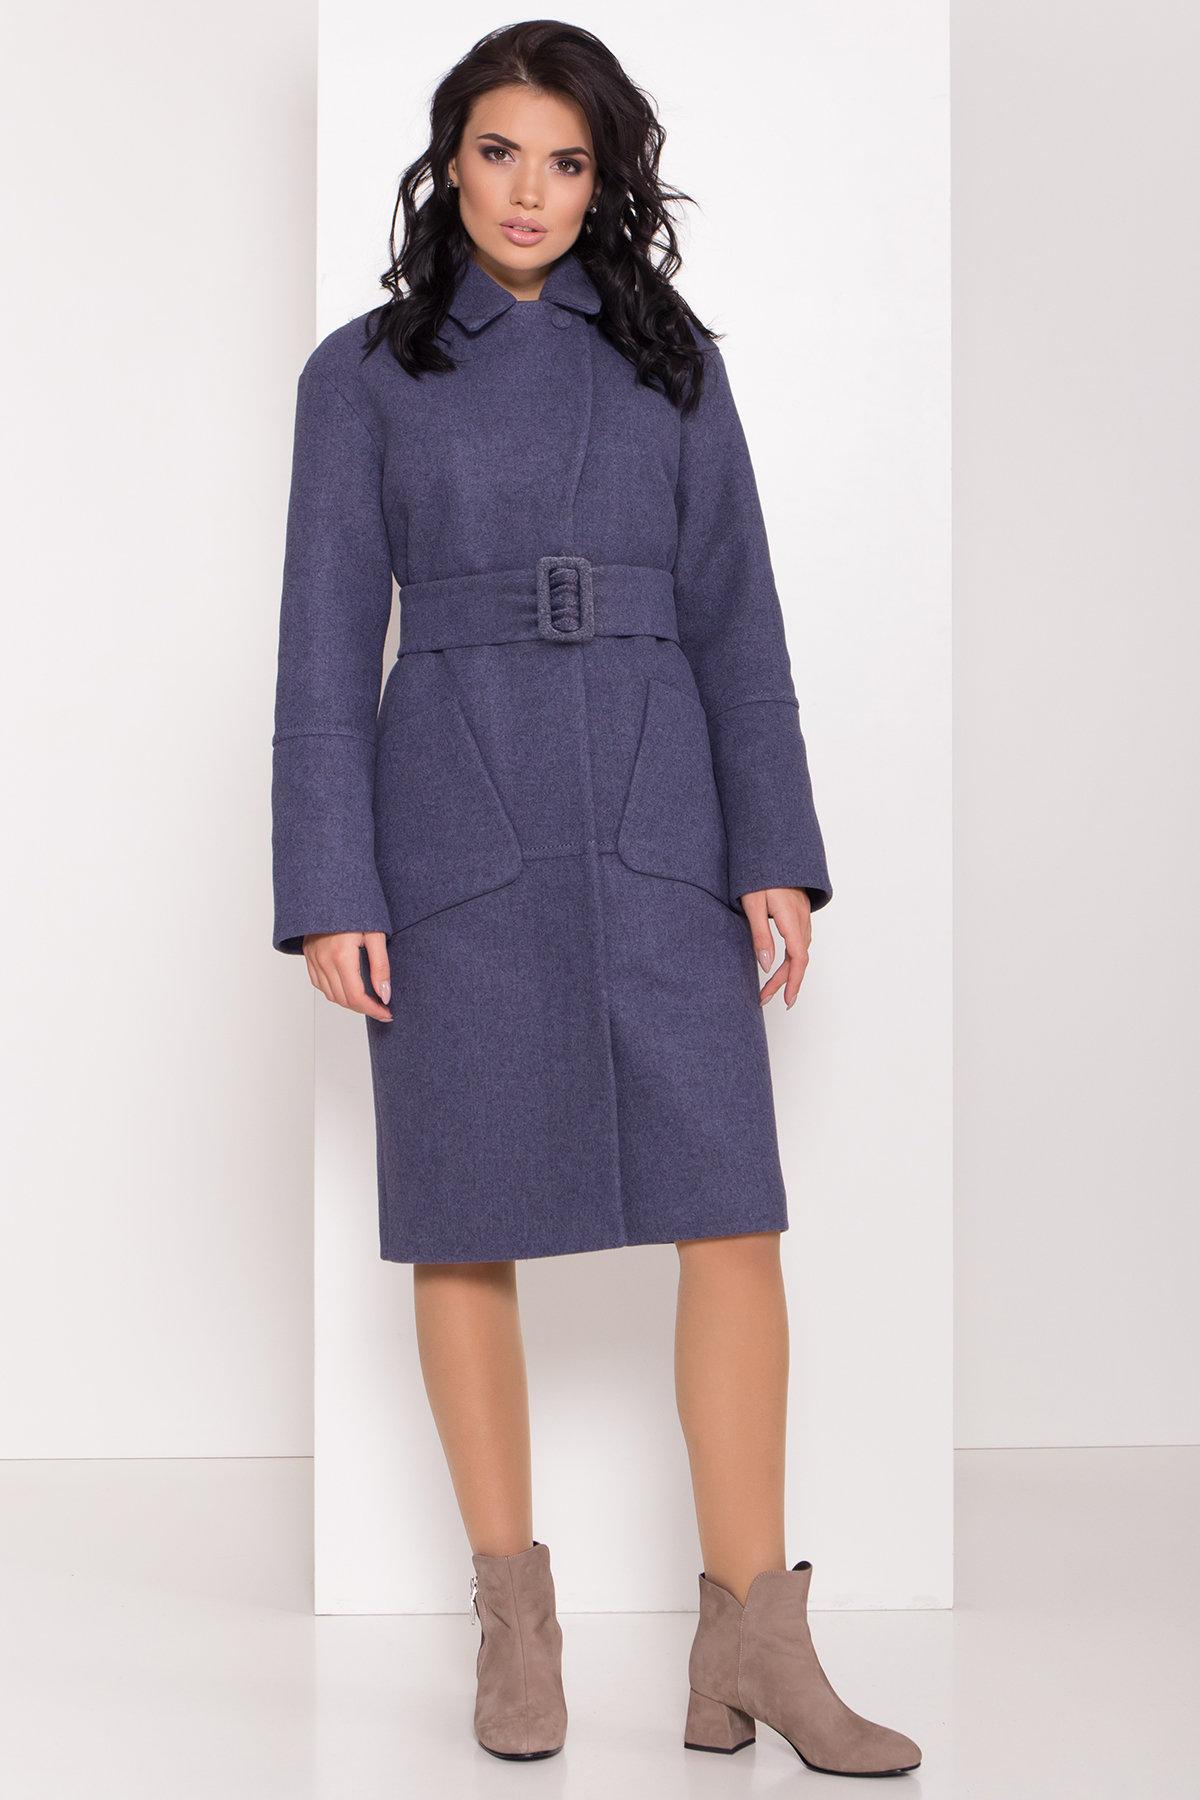 Купить женское зимнее пальто в Украине Modus Элегантное зимнее пальто миди длины с накладными карманами Флорида 8138